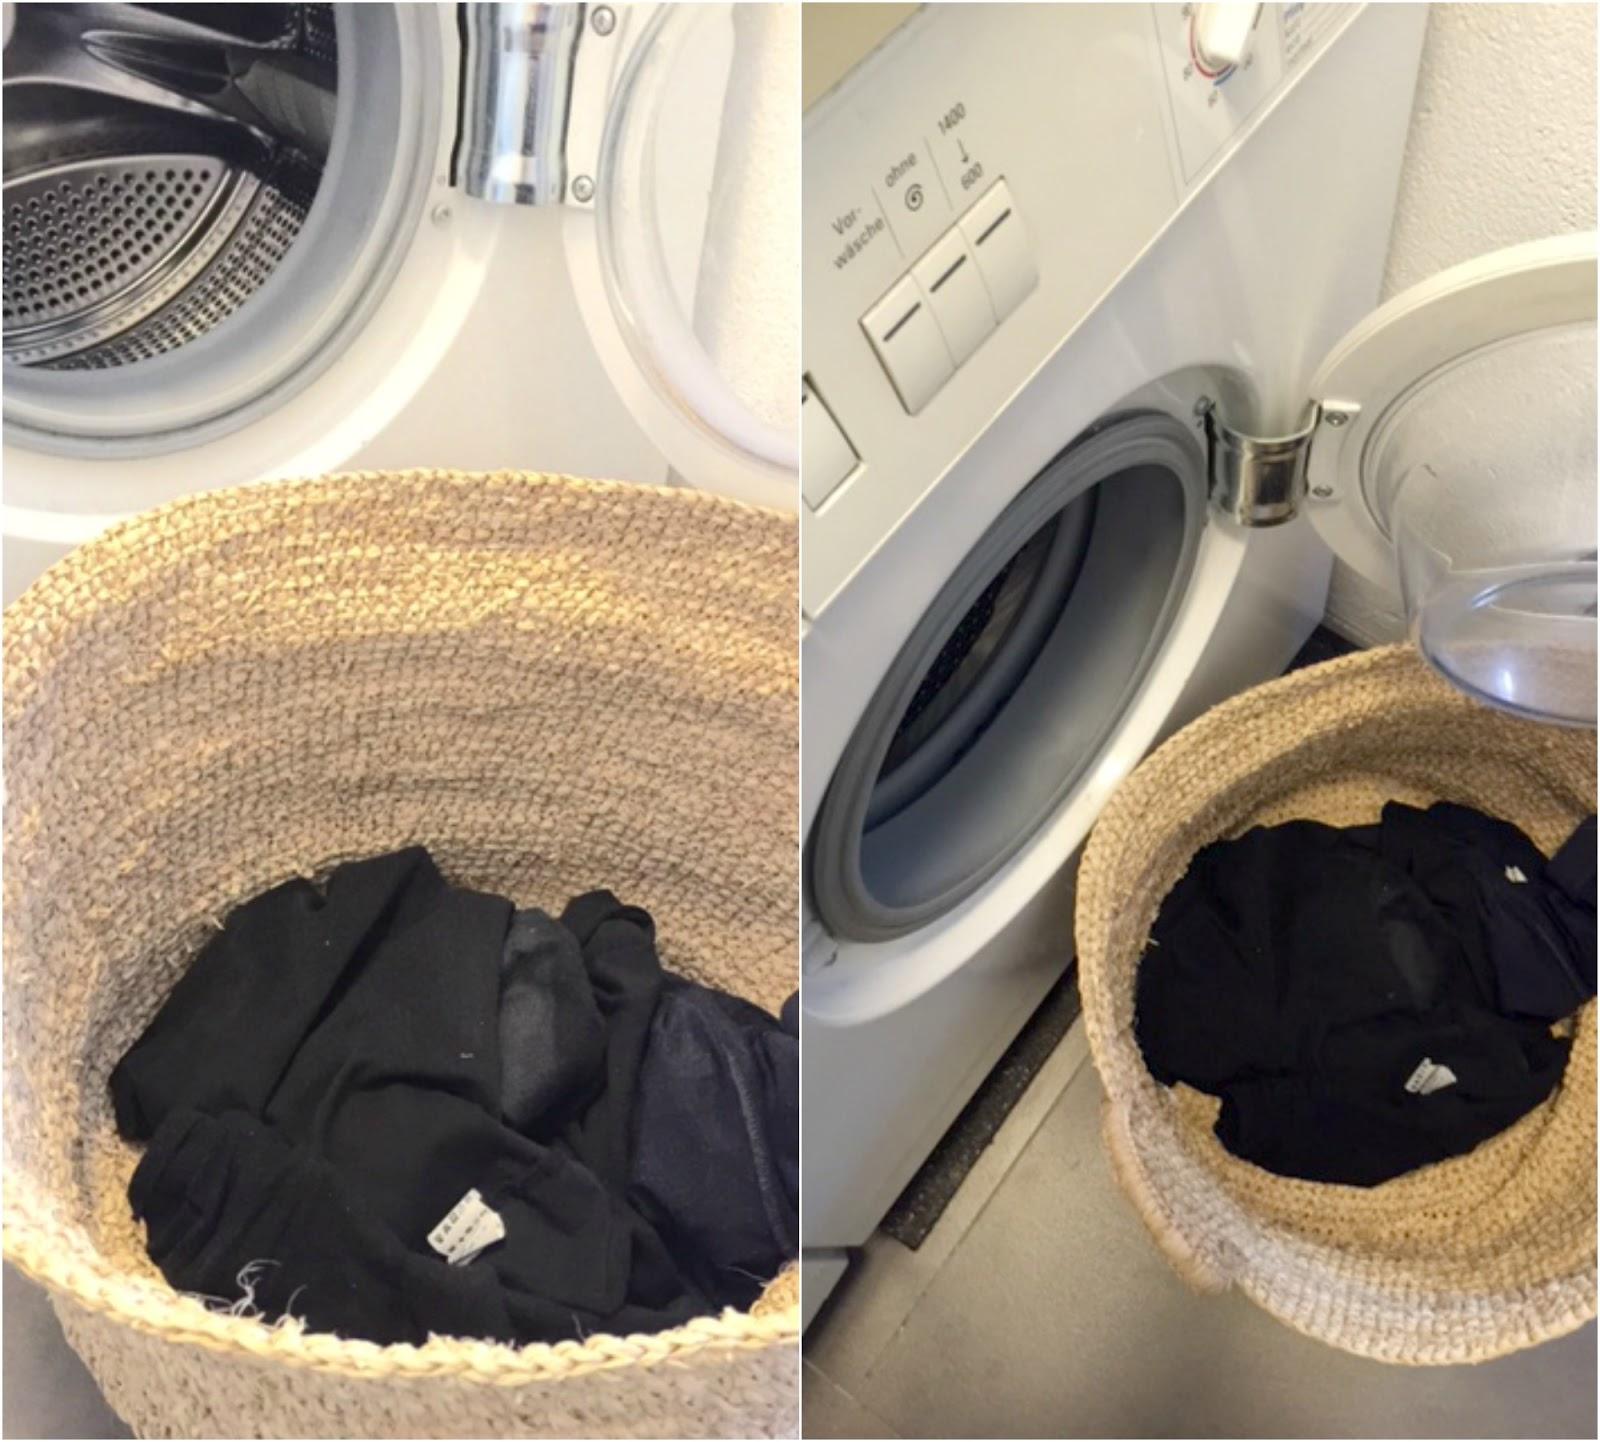 sportkleidung waschen temperatur